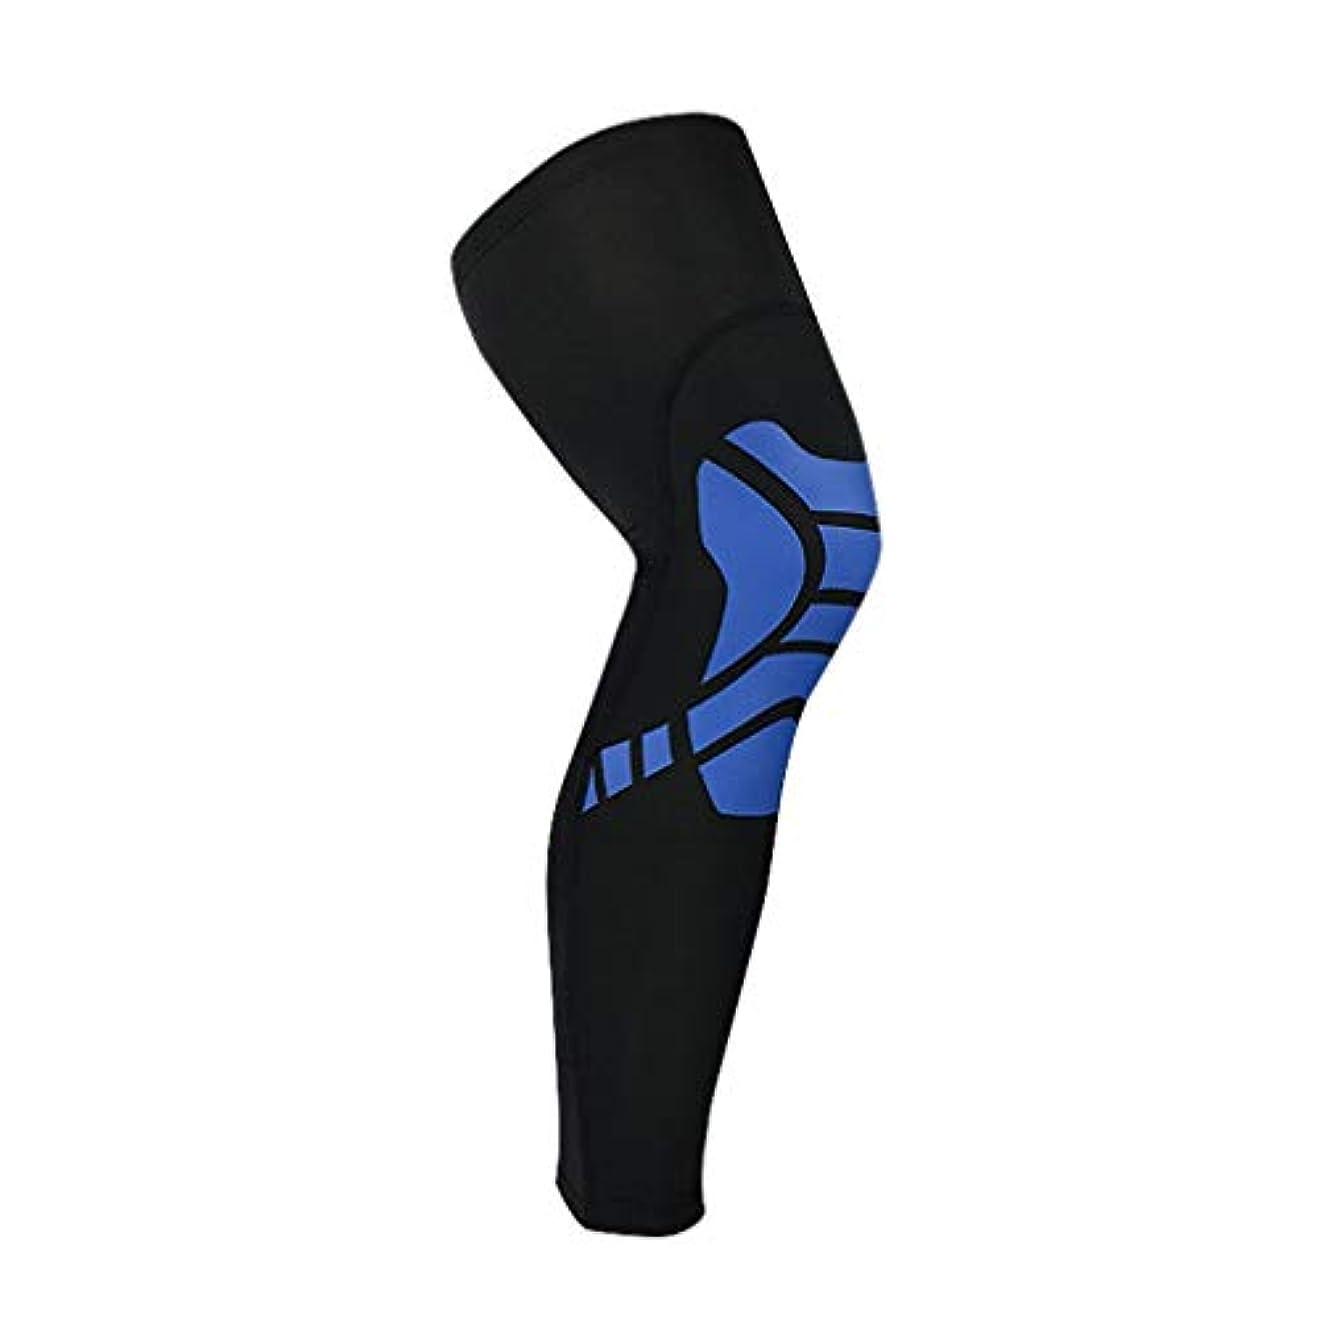 一次漁師傑出した膝サポートは関節炎の救助のための伸縮性のニーパッドによって改善された循環にスリーブを付けます-innovationo